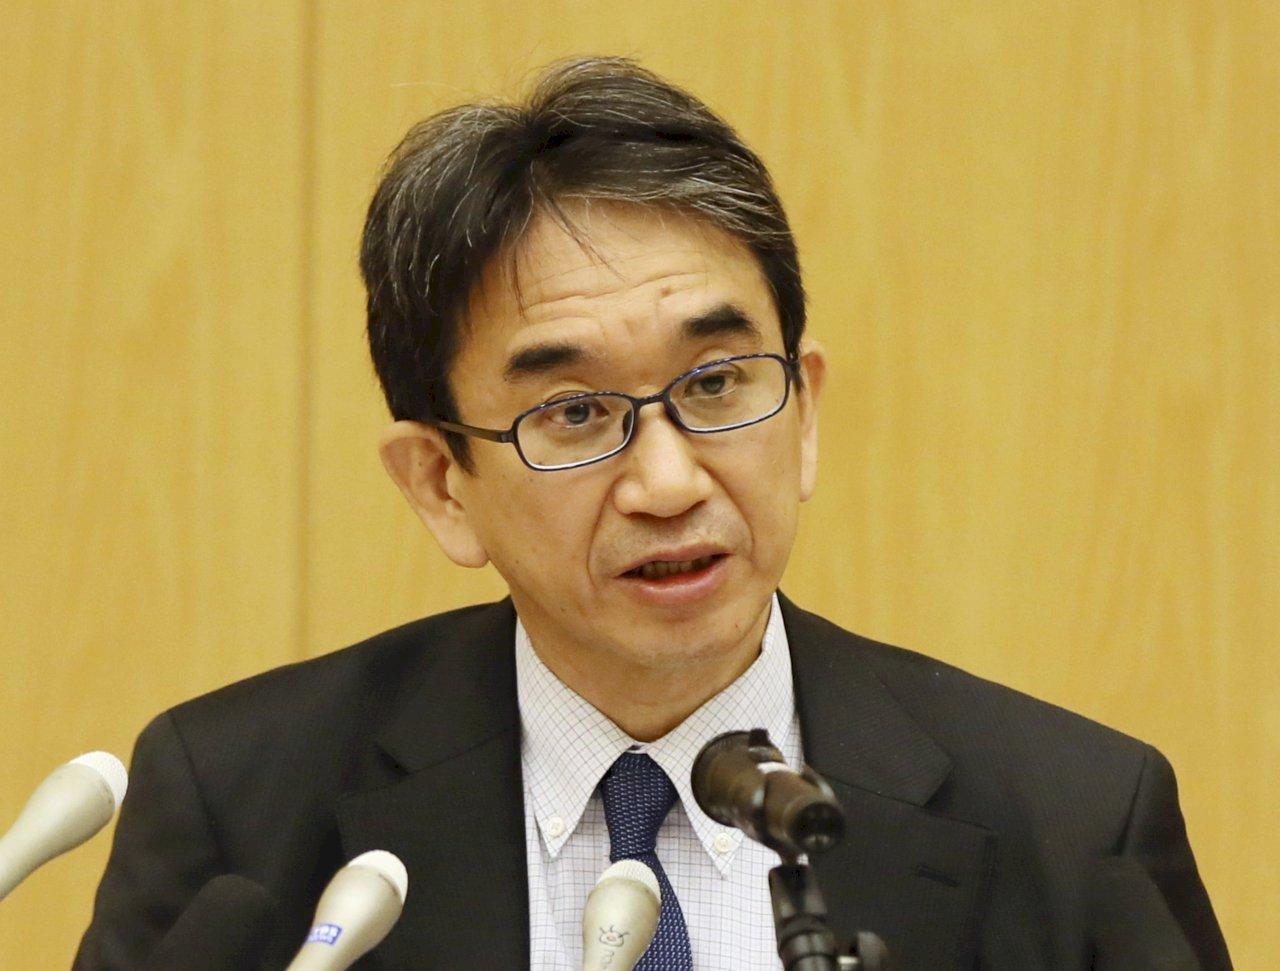 反對核廢水排入海 中國召見日本大使提嚴正交涉